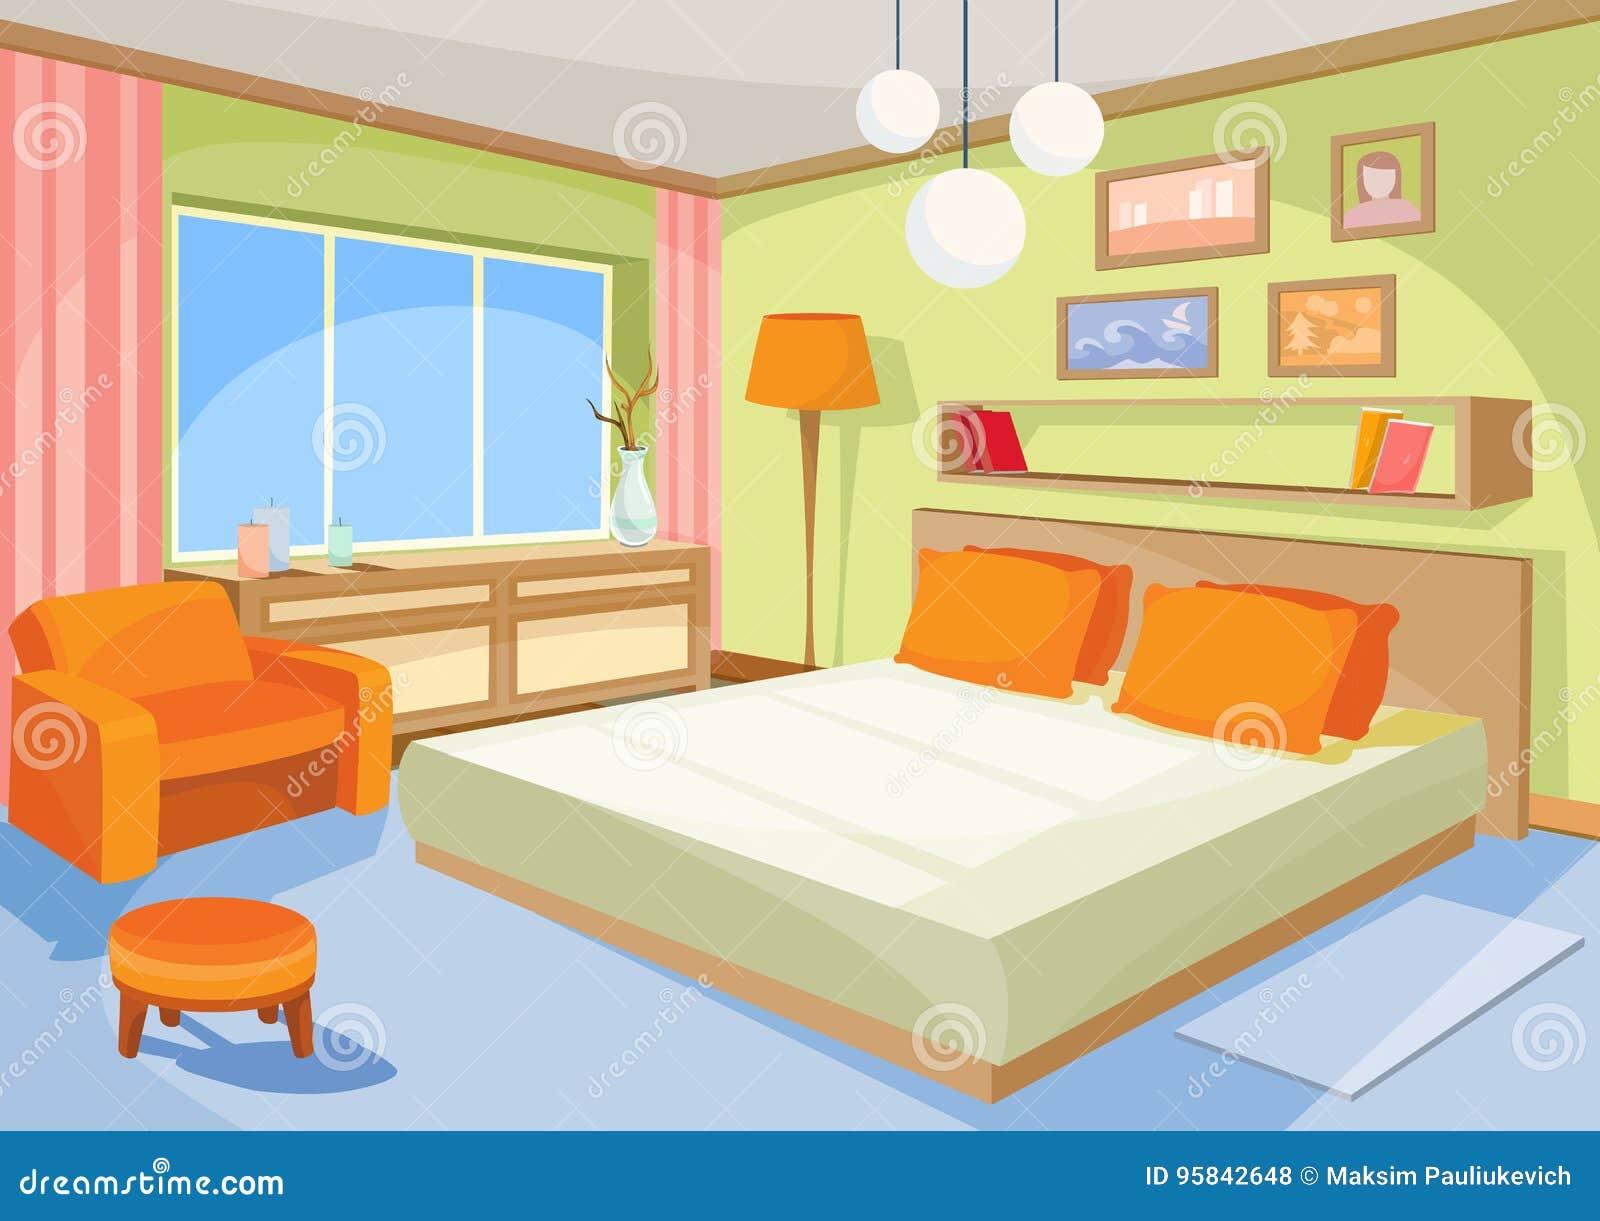 Wektorowej kreskówki ilustracyjna wewnętrzna błękitna sypialnia, żywy pokój z łóżkiem, miękki krzesło